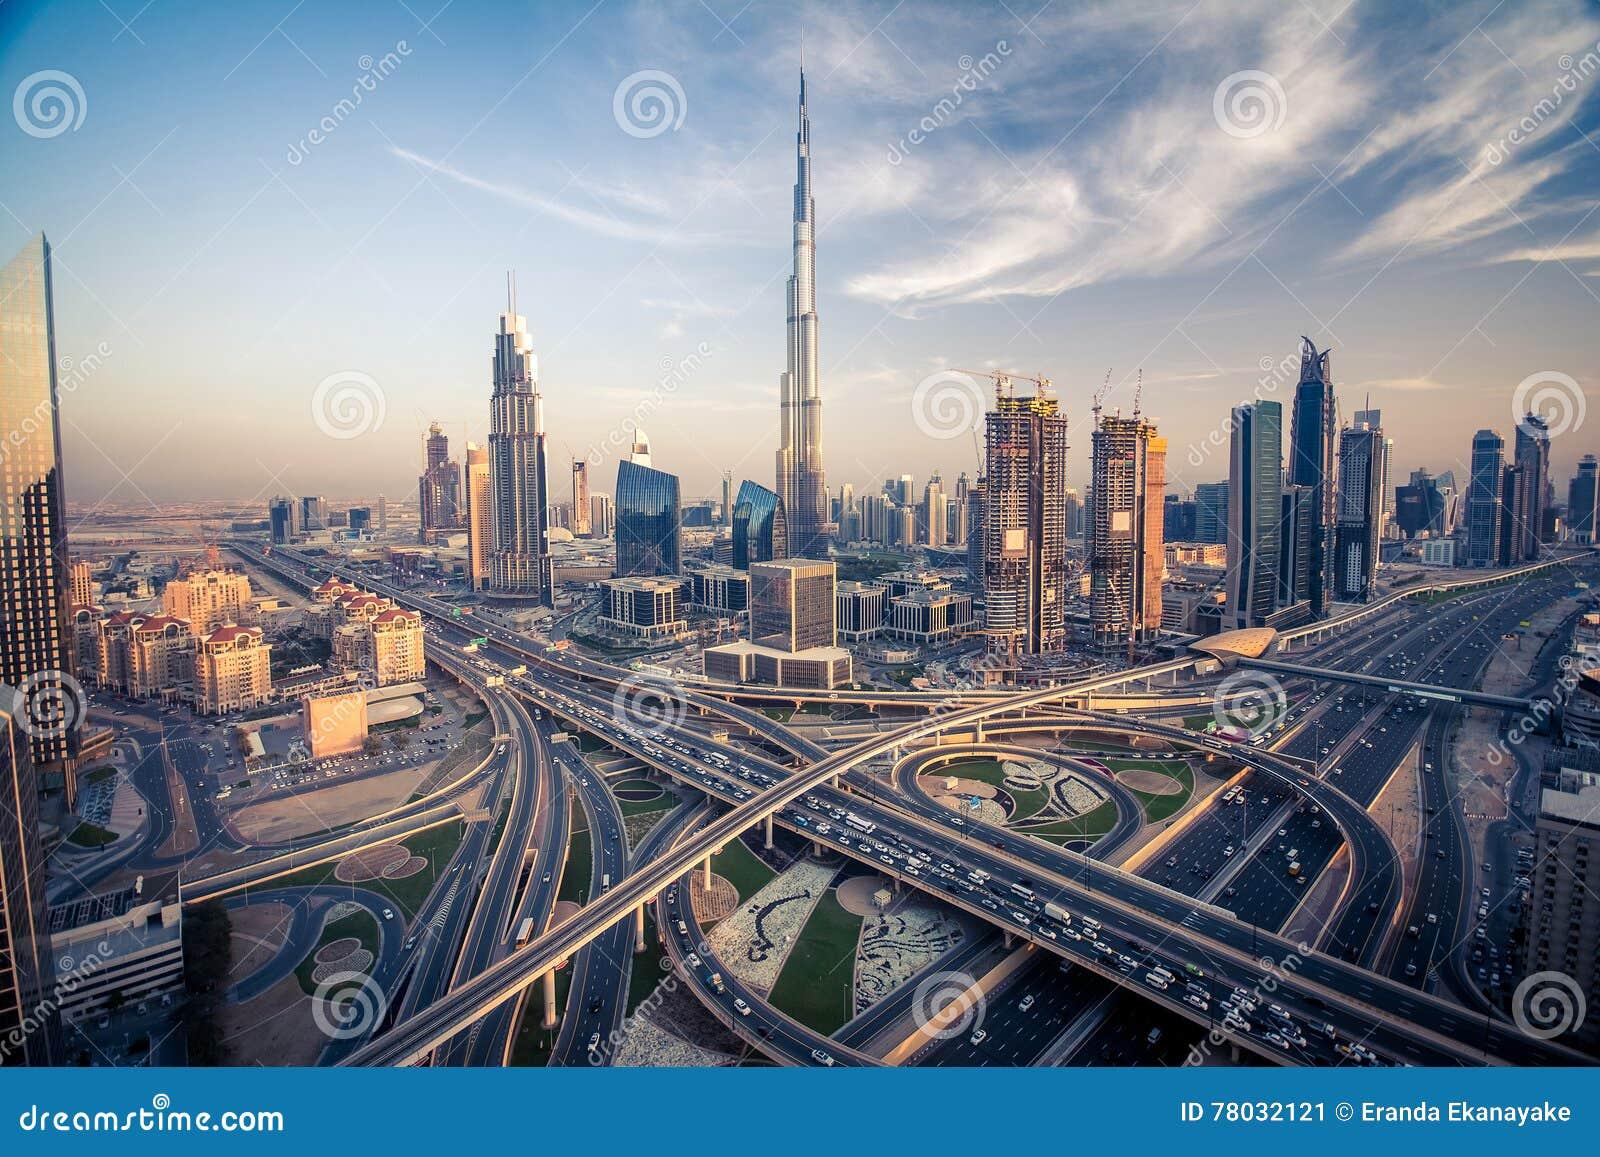 Ορίζοντας του Ντουμπάι με την όμορφη πόλη κοντά σε it& x27 πιό πολυάσχολη εθνική οδός του s στην κυκλοφορία